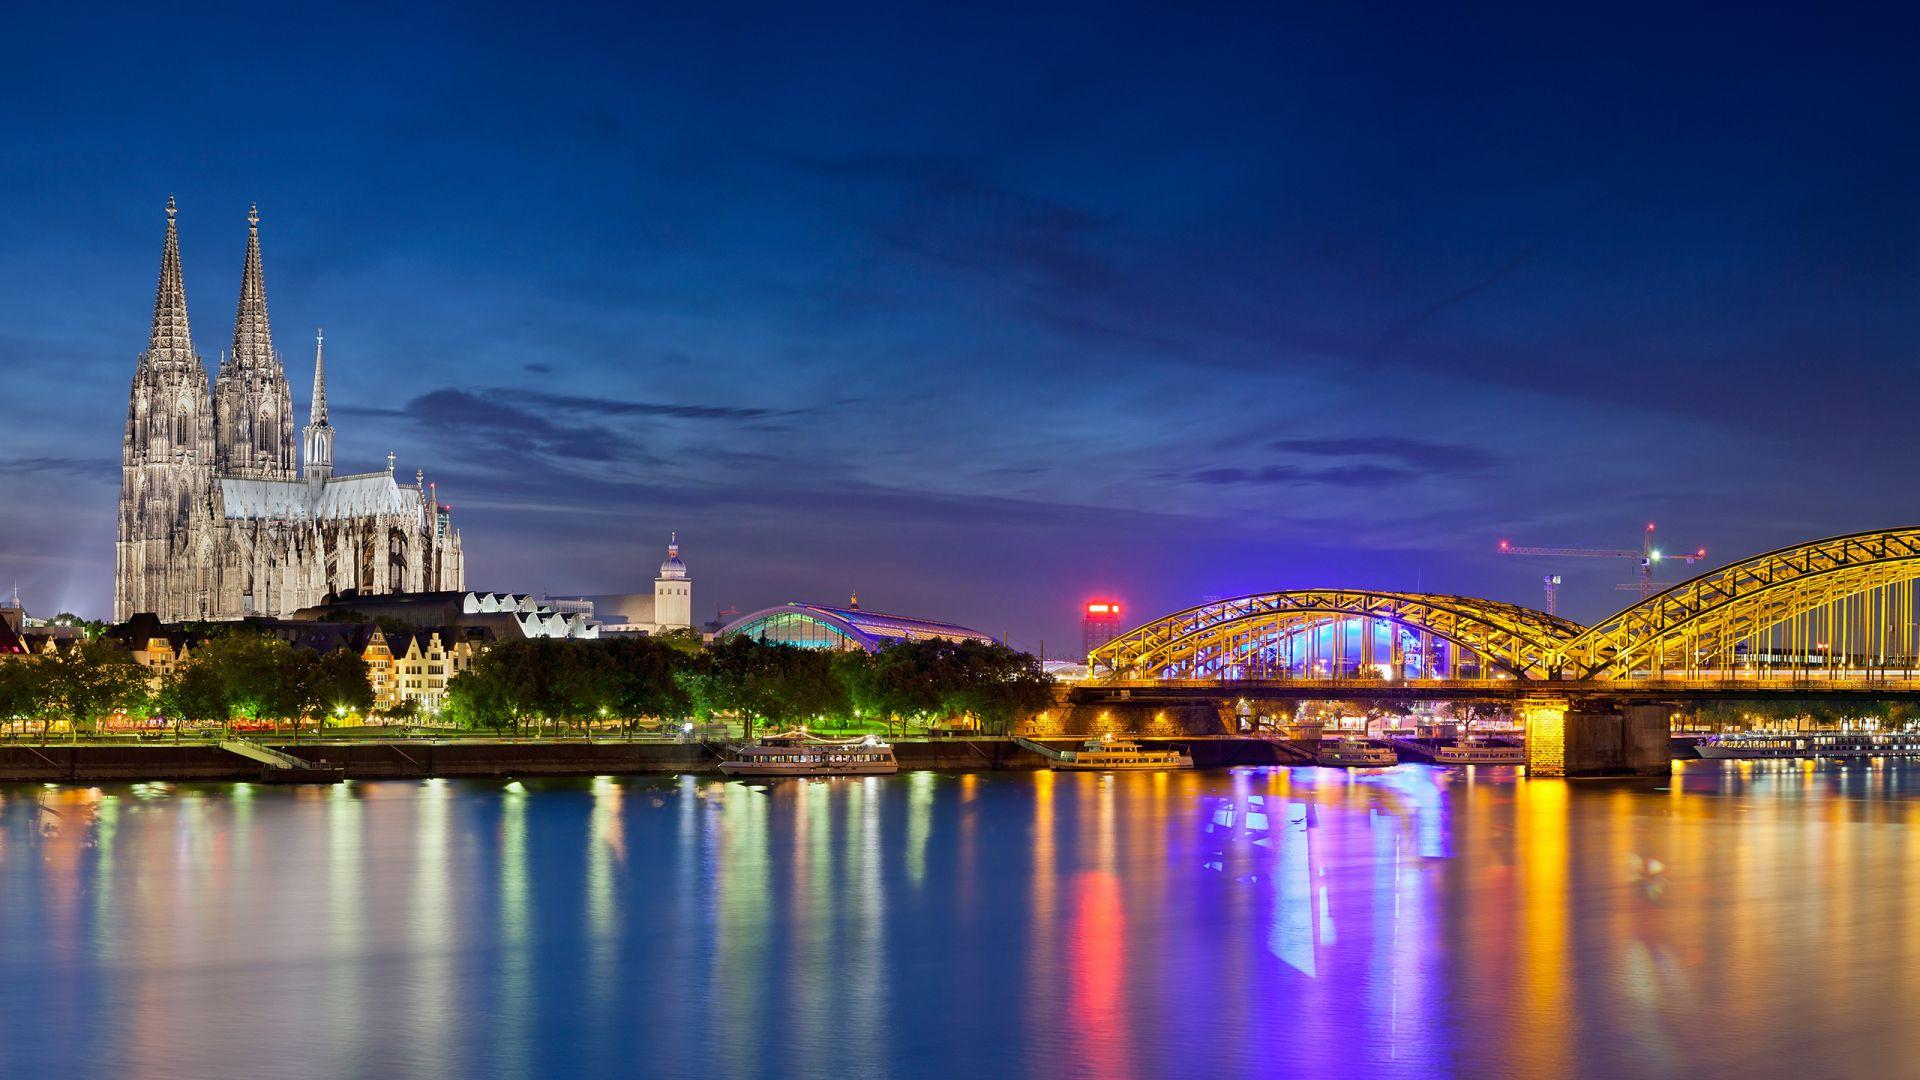 Smeg Kühlschrank Köln : Smeg kühlschrank kaufen köln hürth pulheim frechen hgs elektro